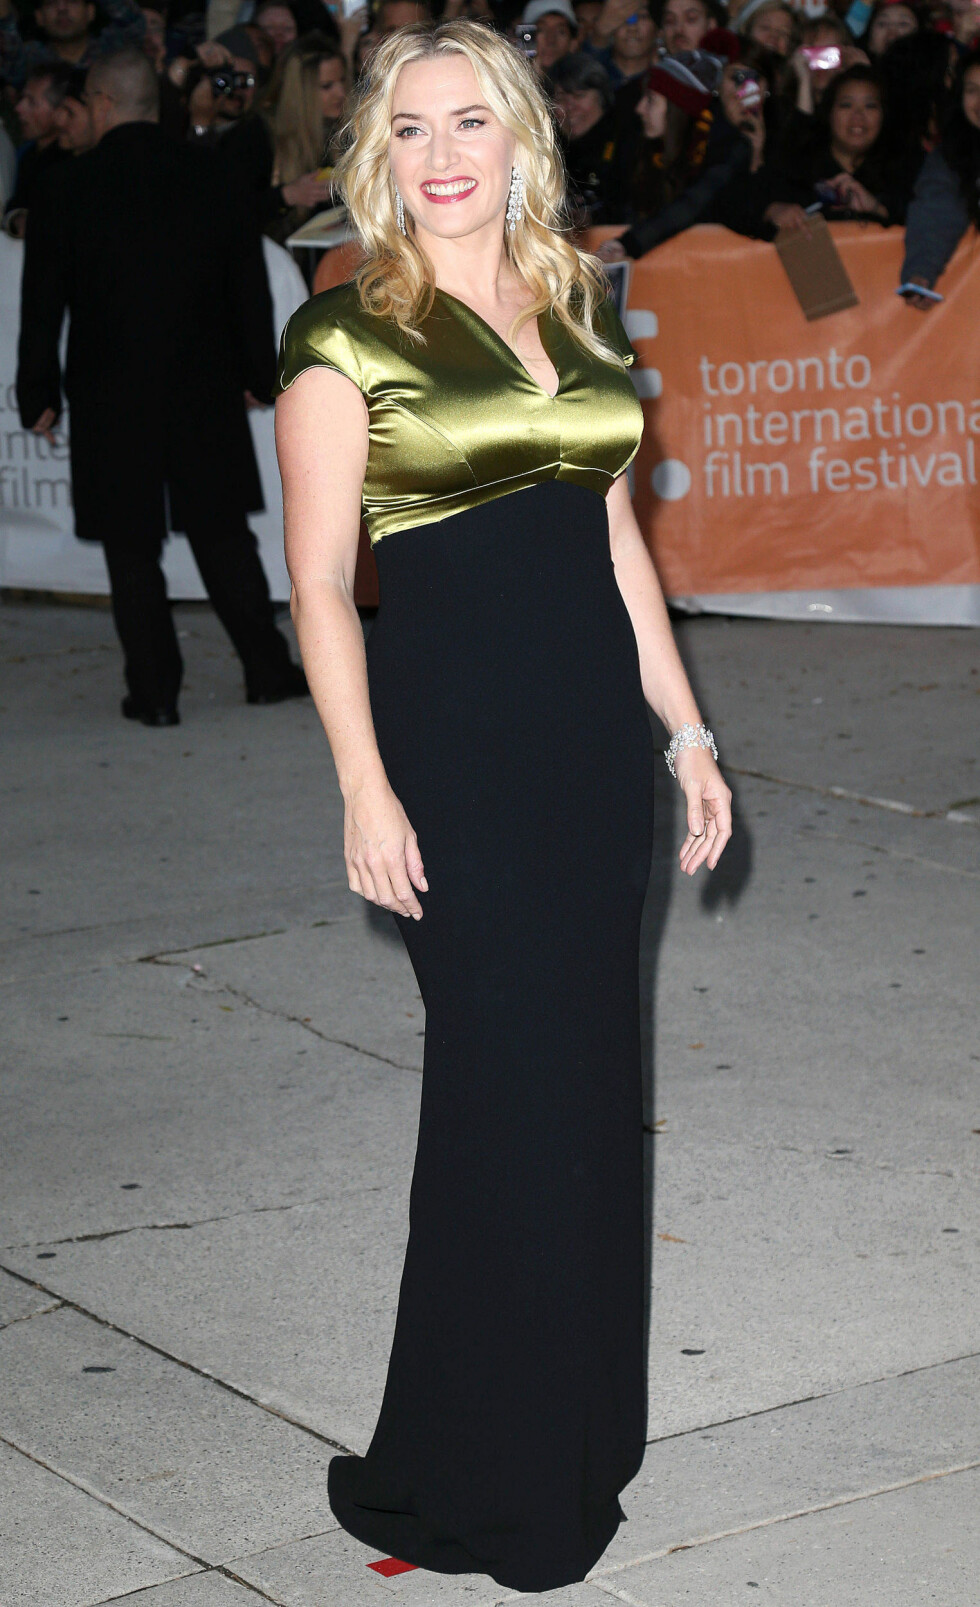 LITE FLATTERENDE V-UTRINGNING: Kate Winslet ser som regel ALLTID smashing ut, men her er overdelen litt for stram, bh-en feil og utringningen en smule for kort. Foto: REX/Broadimage/All Over Press